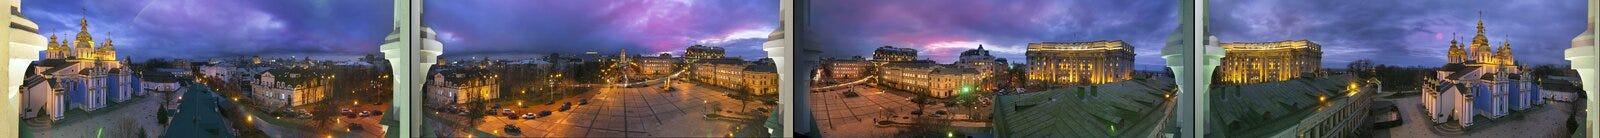 360 graadpanorama van St. Michael Klooster Stock Afbeeldingen